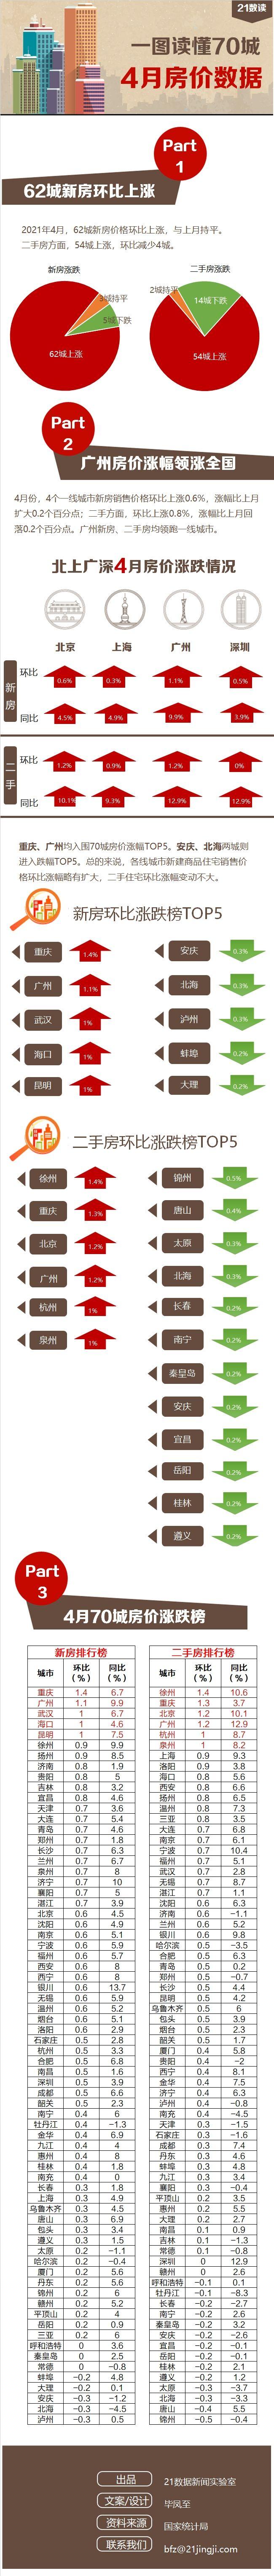 最新70城房价出炉:重庆领跑全国,广州领涨一线城市